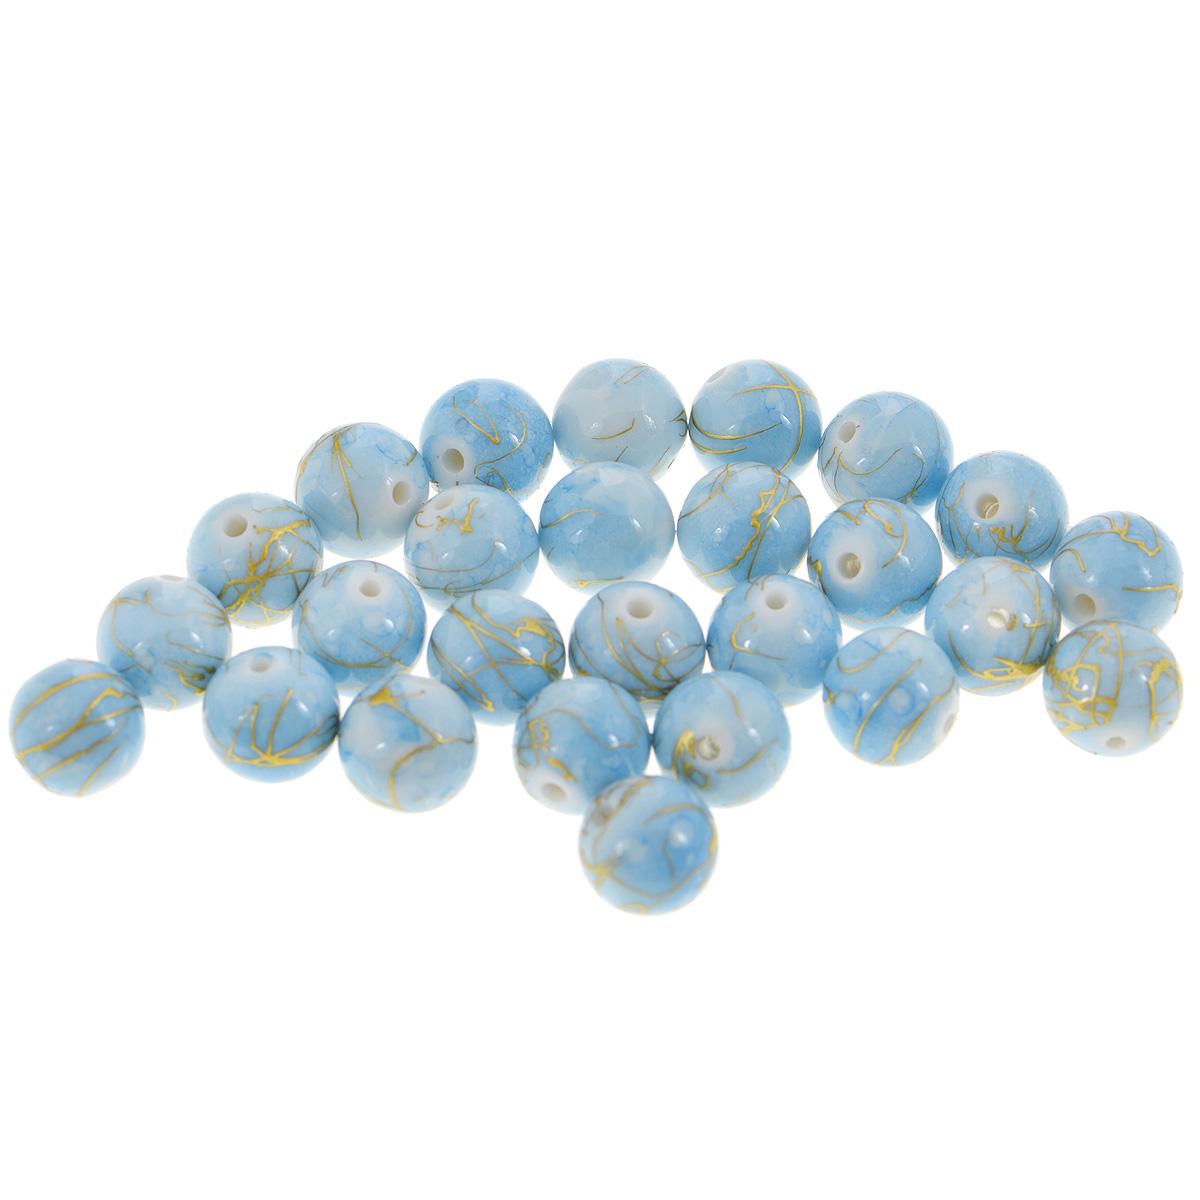 Бусины Астра Цветные камешки, цвет: голубой (6-33), диаметр 13 мм, 27 шт7710782_6-33Набор бусин Астра Цветные камешки, изготовленный из пластика, позволит вам своими руками создать оригинальные ожерелья, бусы или браслеты. Круглые бусины изготовлены в виде камешков и имеют цветные разводы с оригинальным золотистым узором. Изготовление украшений - занимательное хобби и реализация творческих способностей рукодельницы, это возможность создания неповторимого индивидуального подарка. Диаметр бусины: 13 мм.